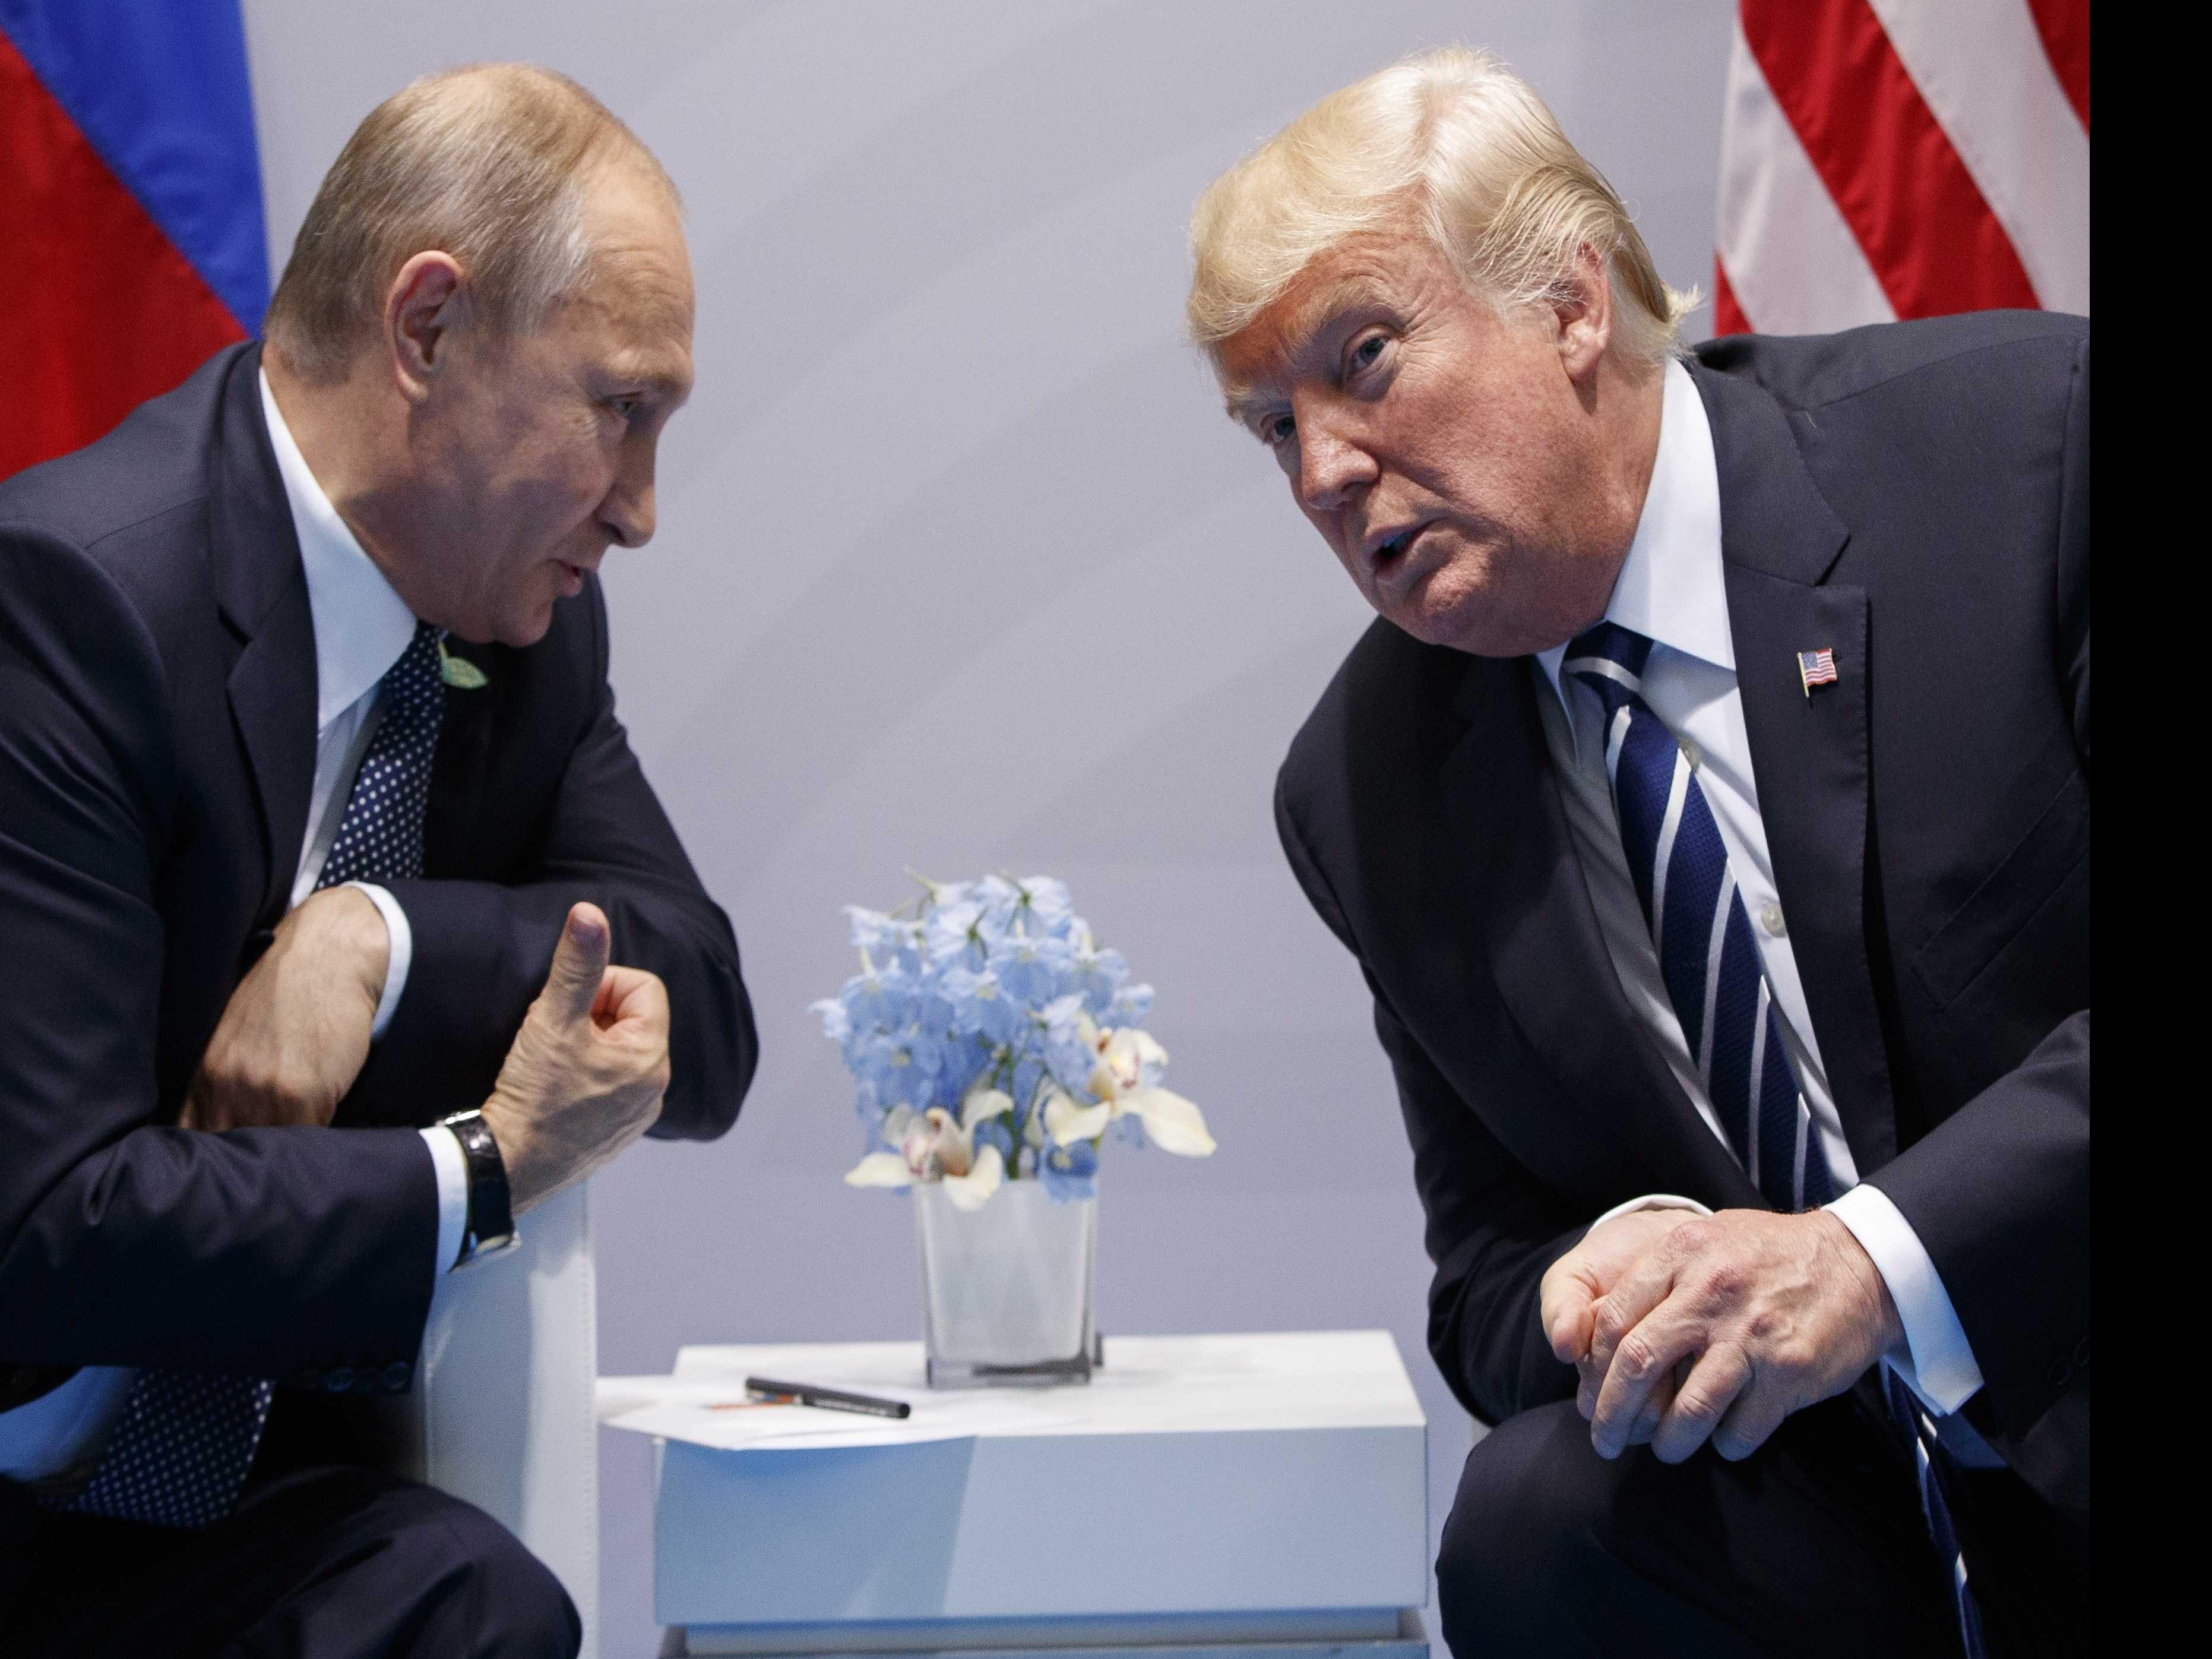 Putin's Russia: From Basket Case to Resurgent Superpower